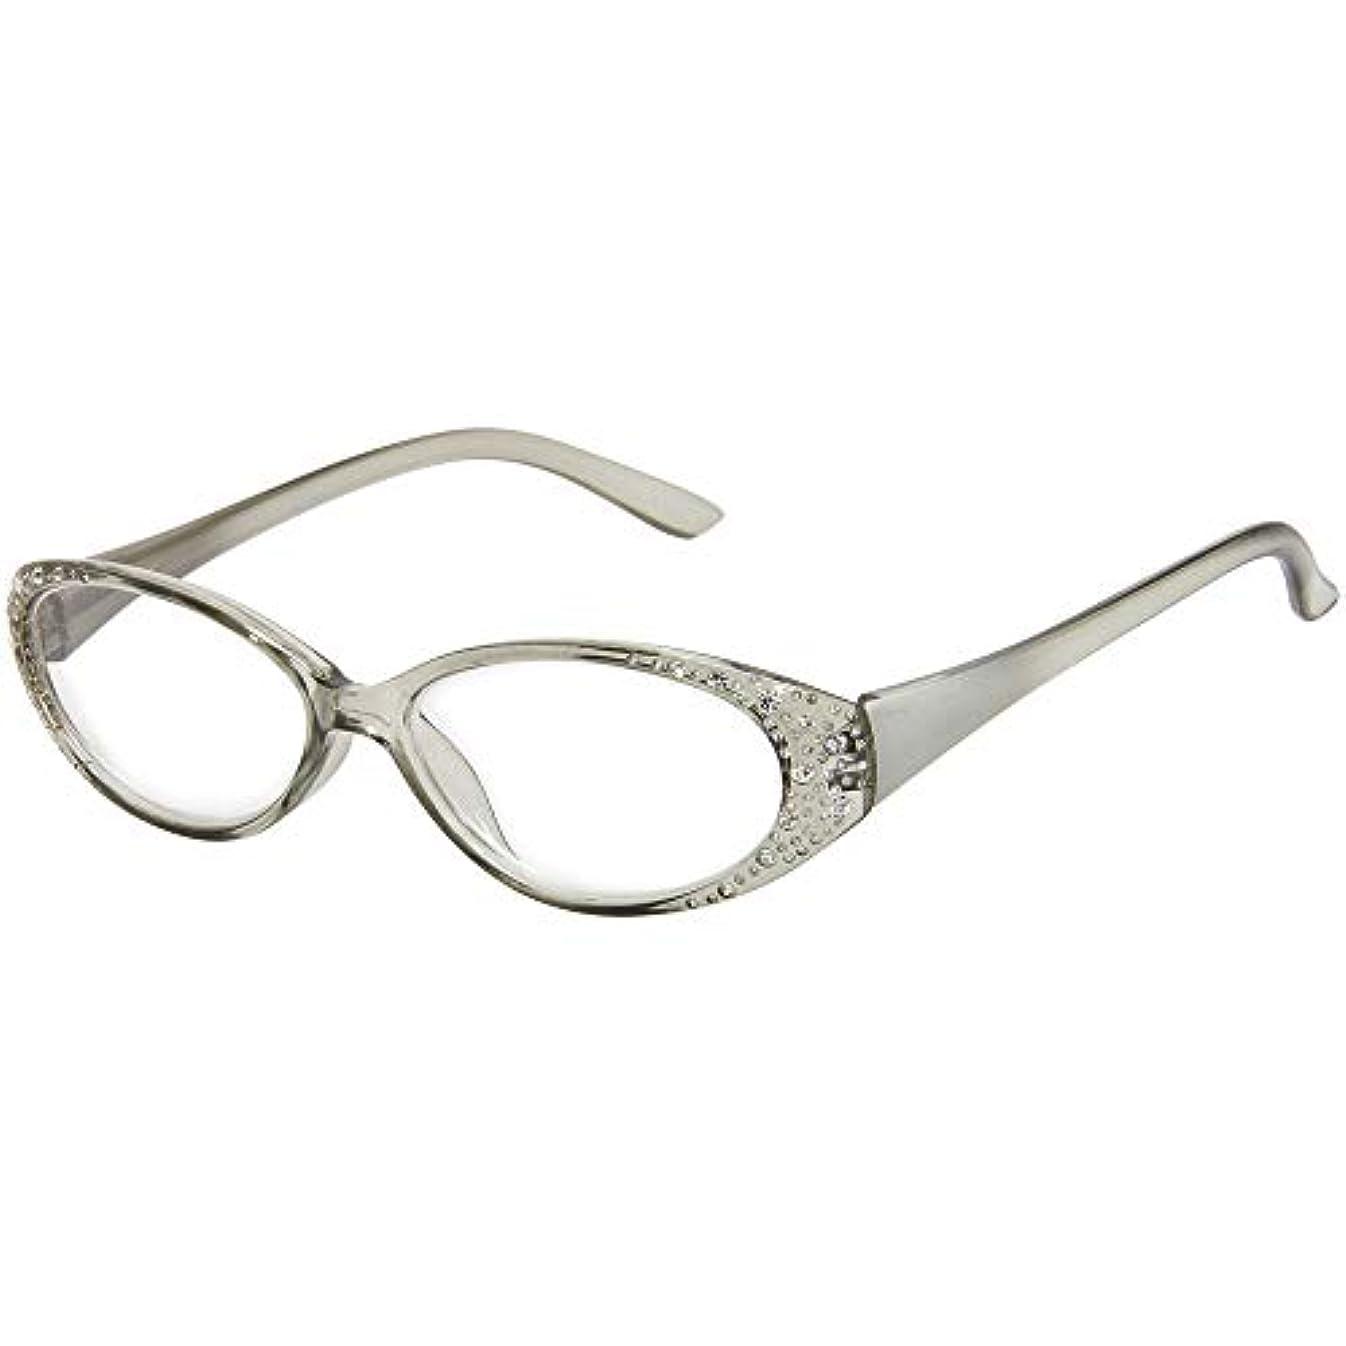 道路学部等しい老眼鏡 リーディンググラス シニアグラス グレー 615GL※このページは「+3.50」のみの販売です◆+3.50